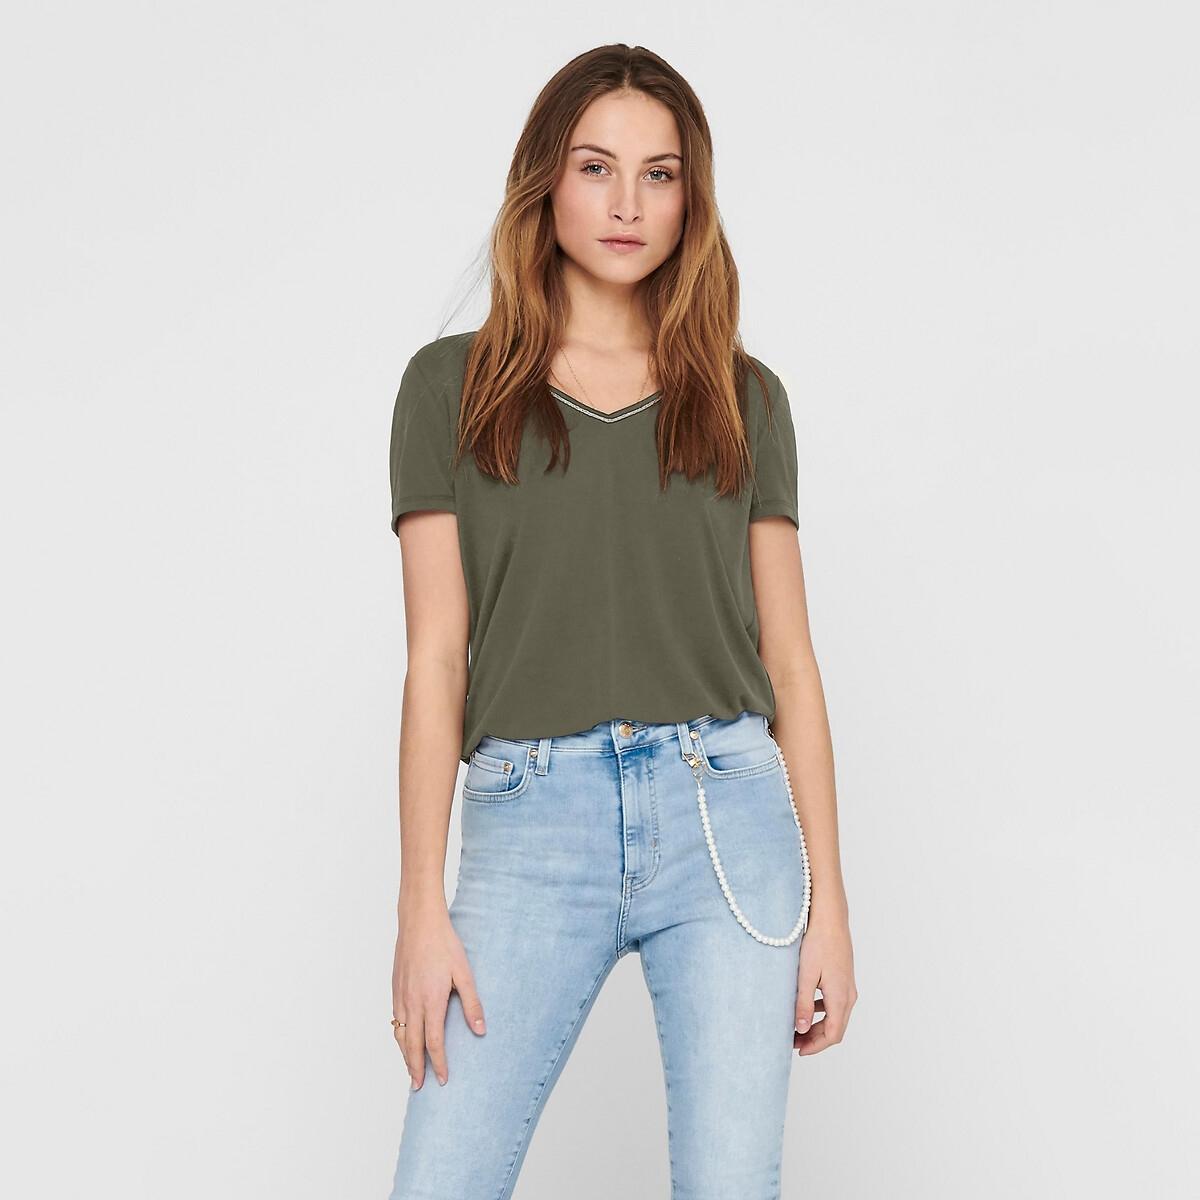 T-shirt de mangas curtas, decote em V